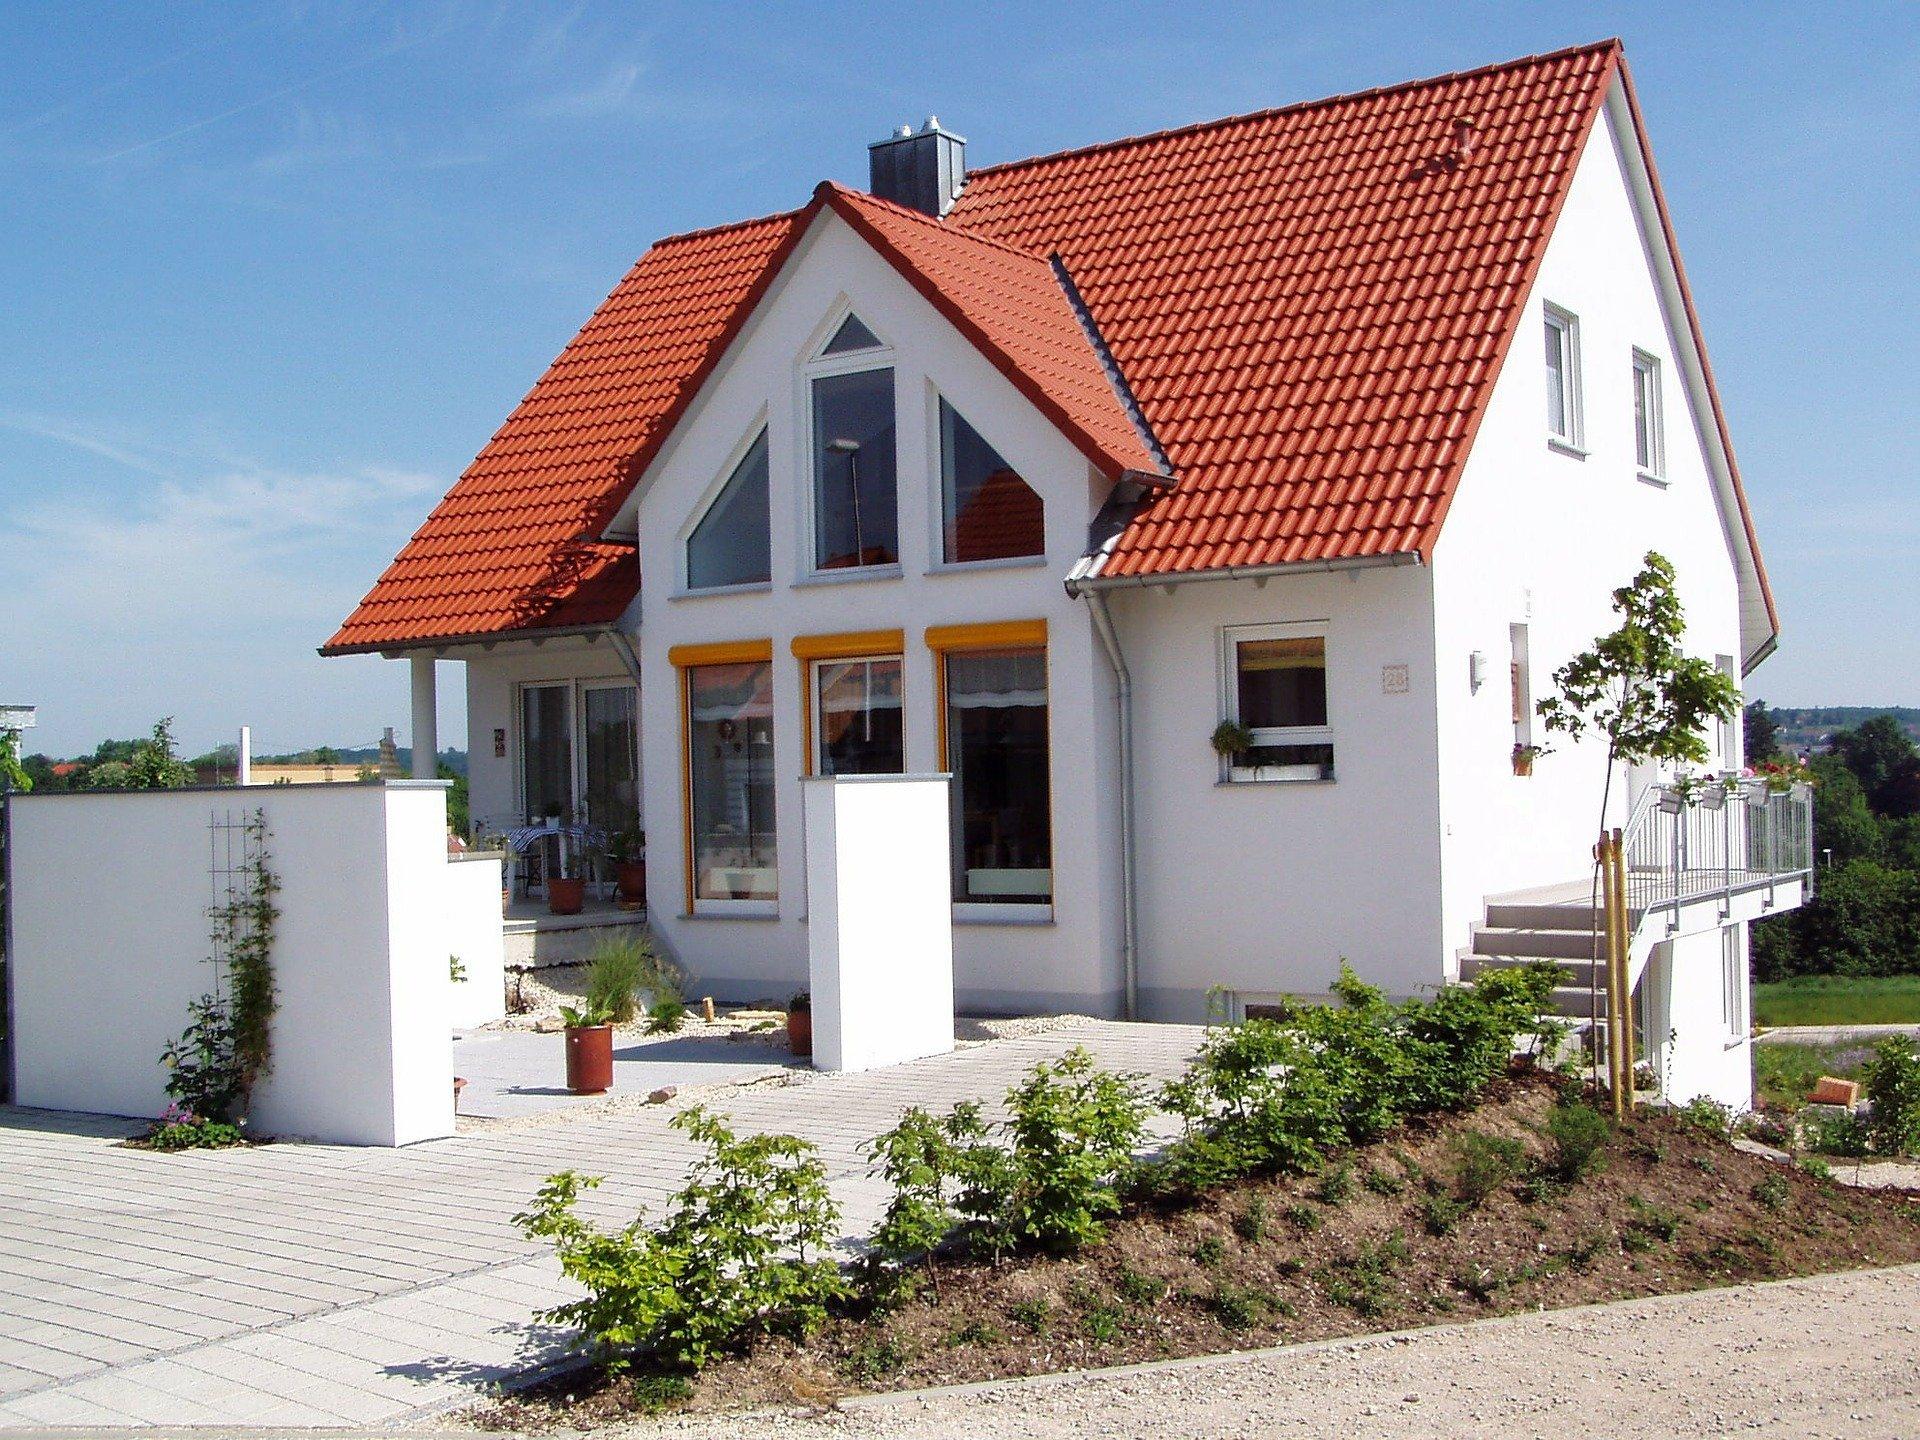 Wahl der Qual: Das richtige Grundstück für das Traumhaus